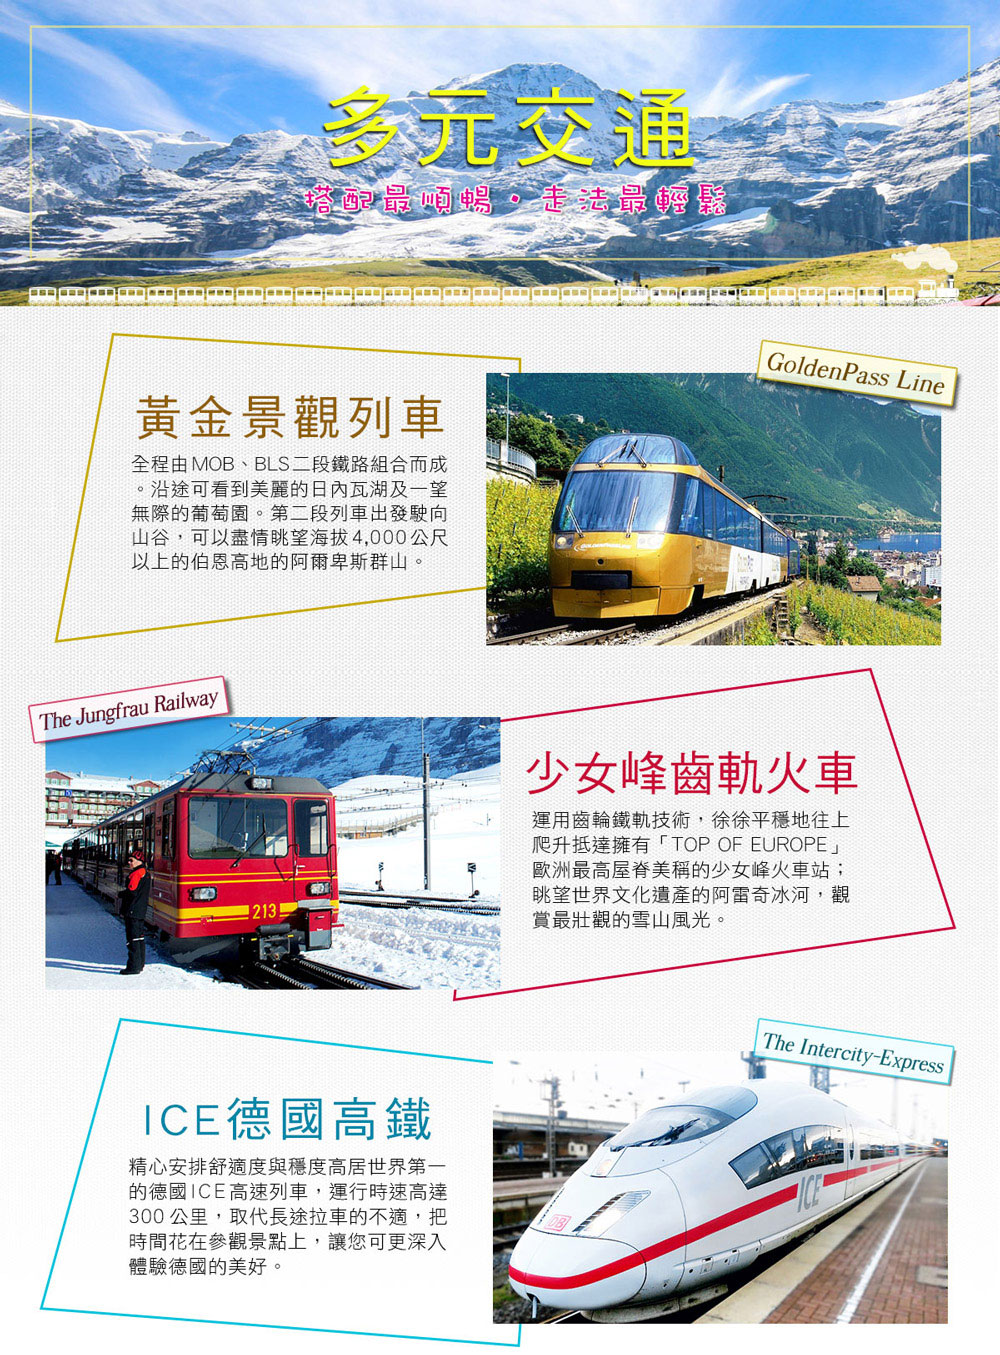 多元交通-景觀列車+少女峰齒軌火車+ICE德國高鐵